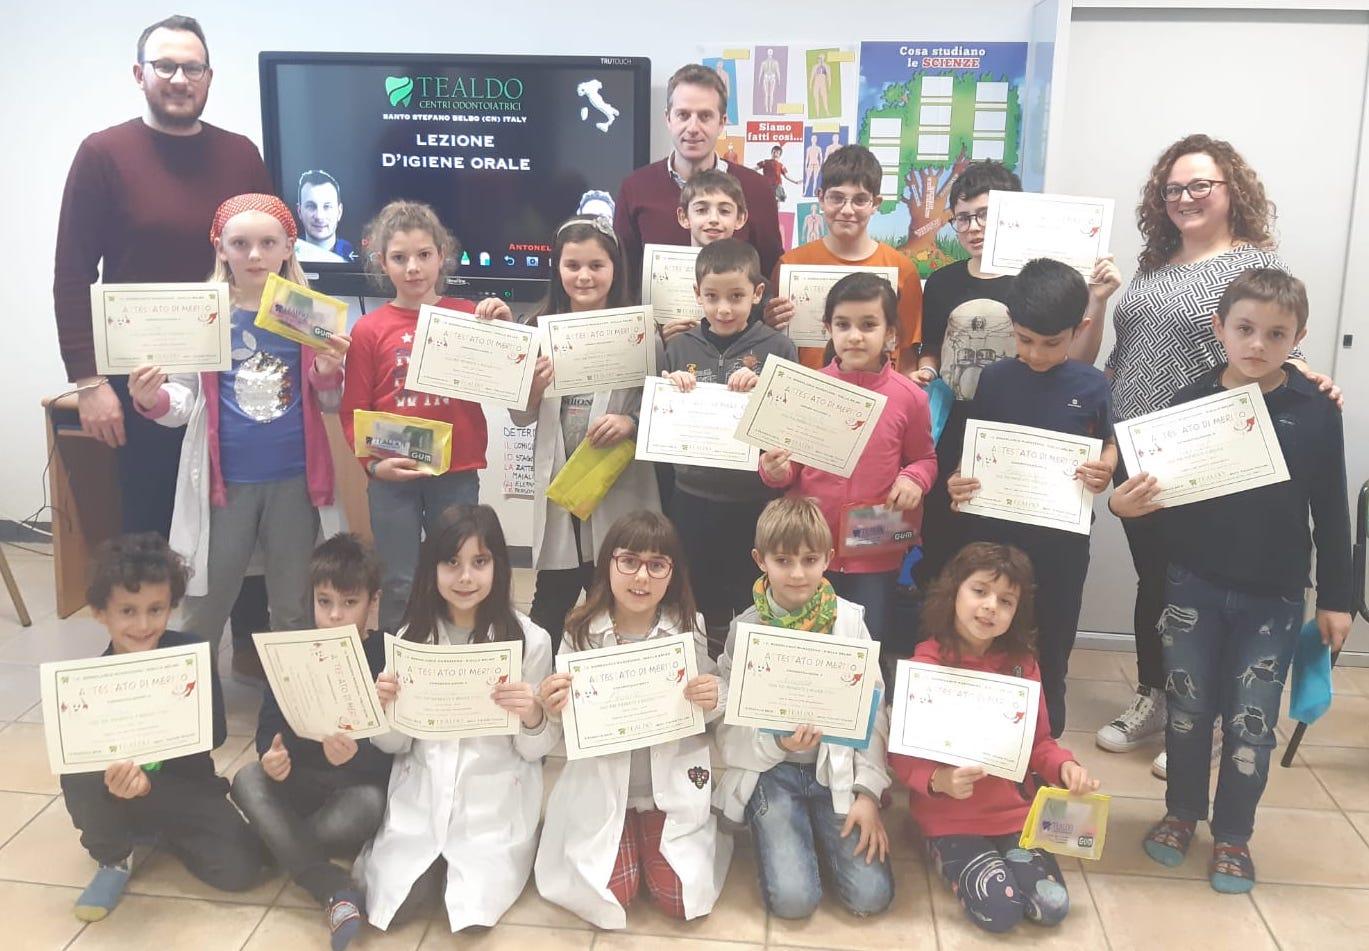 I centri odontoiatrici Tealdo visita la scuola di Niella Belbo